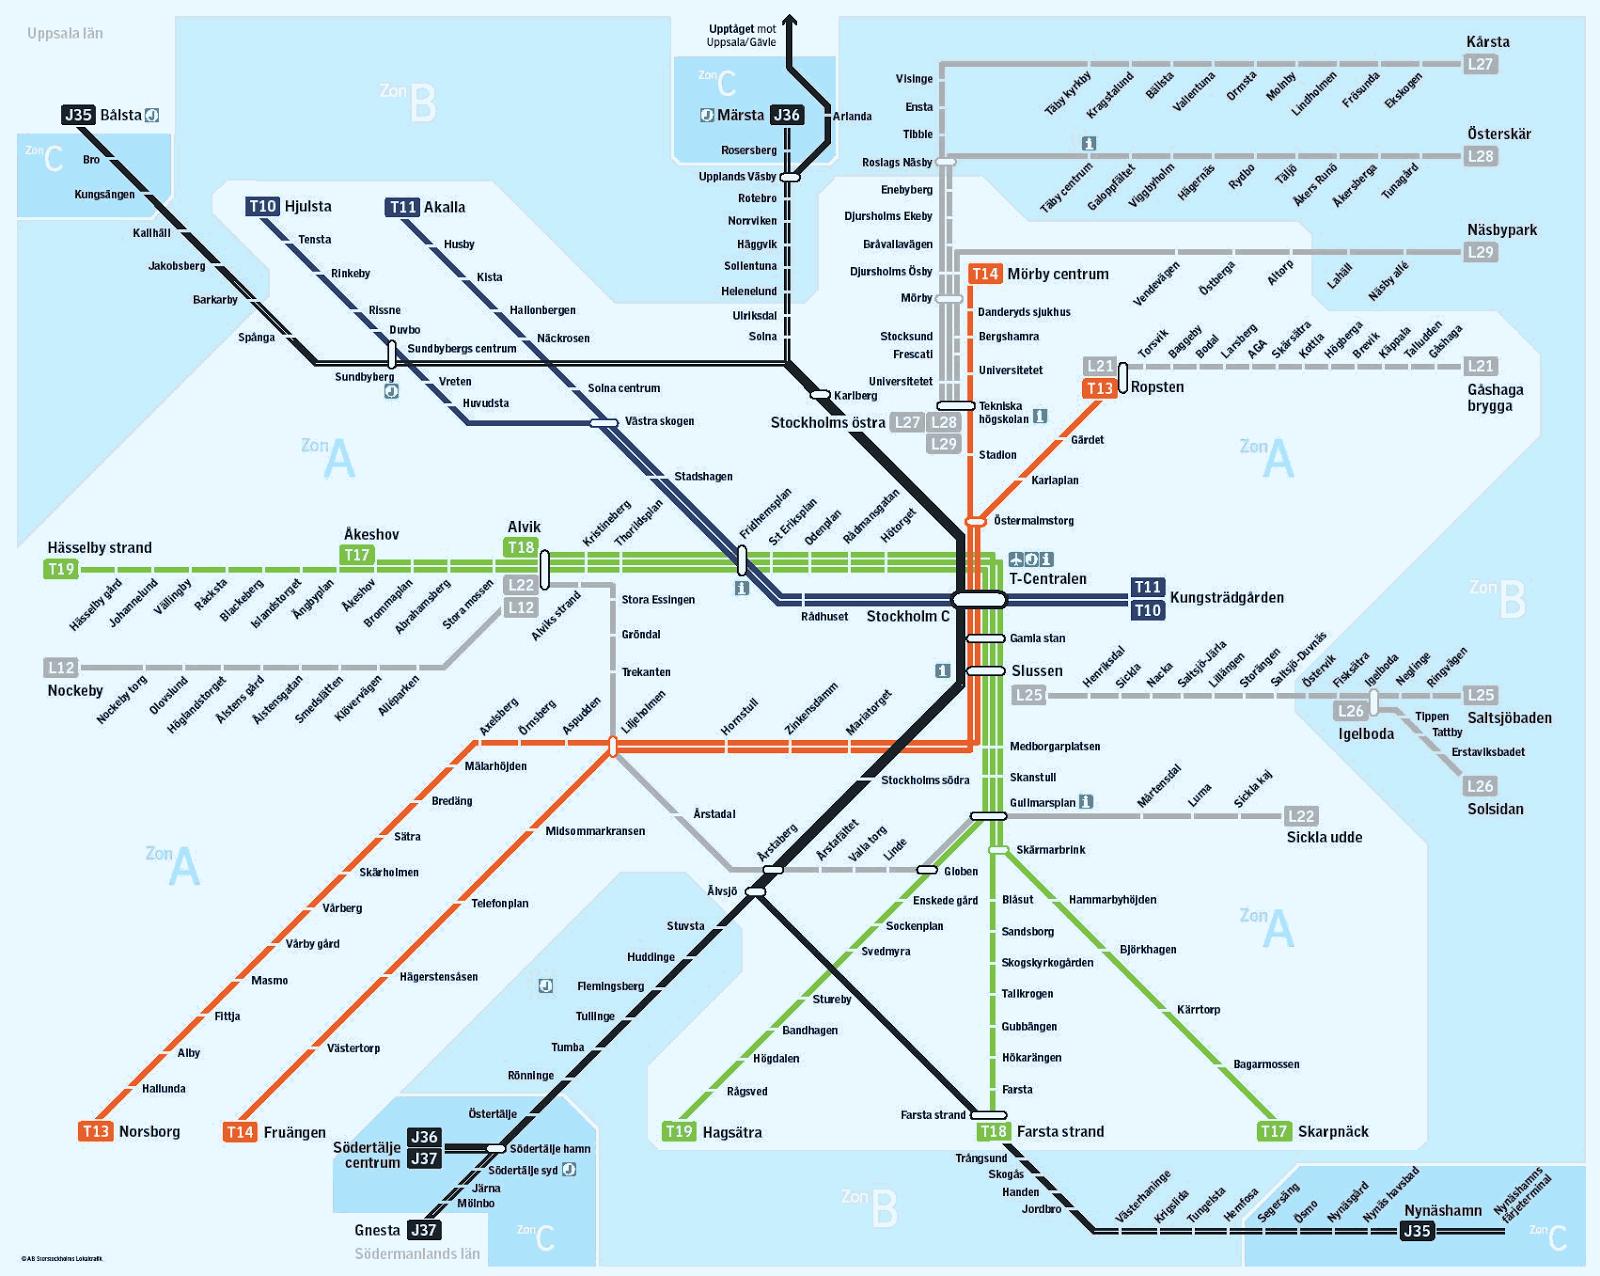 sl karta Ulf Janssons Geoblogg: SL karta ny igen sl karta